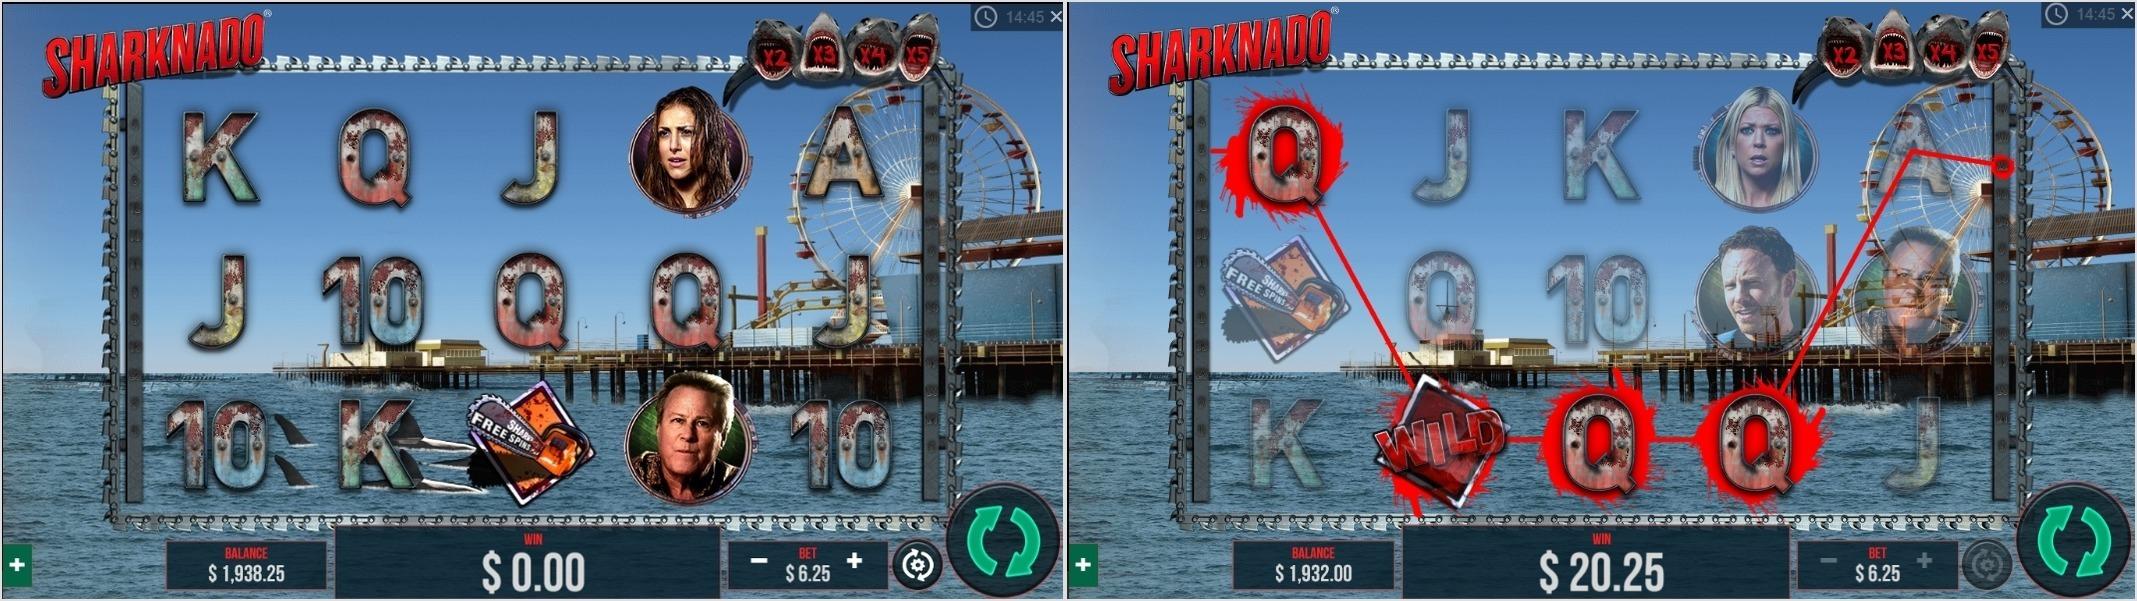 Sharknado Softgamings